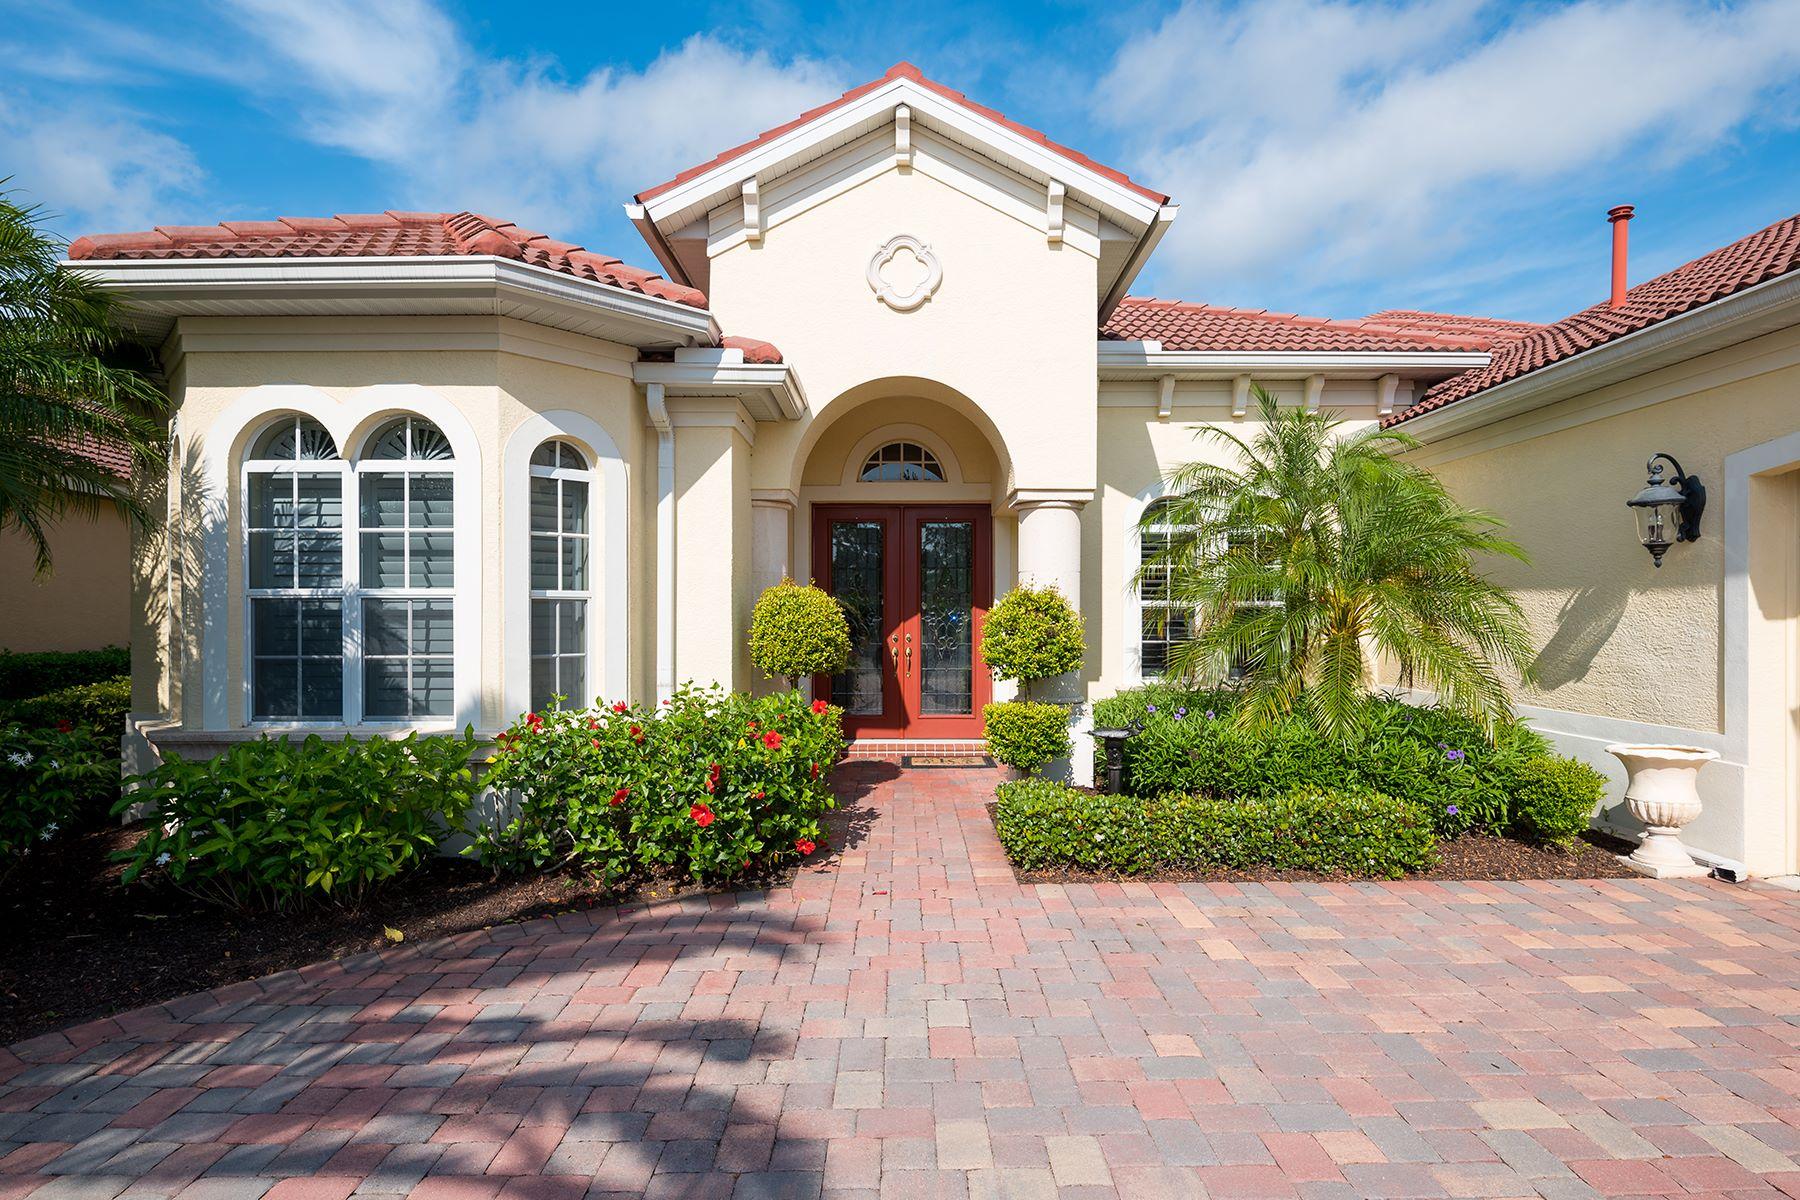 Maison unifamiliale pour l Vente à LAKEWOOD RANCH COUNTRY CLUB 6938 Brier Creek Ct Lakewood Ranch, Florida, 34202 États-Unis